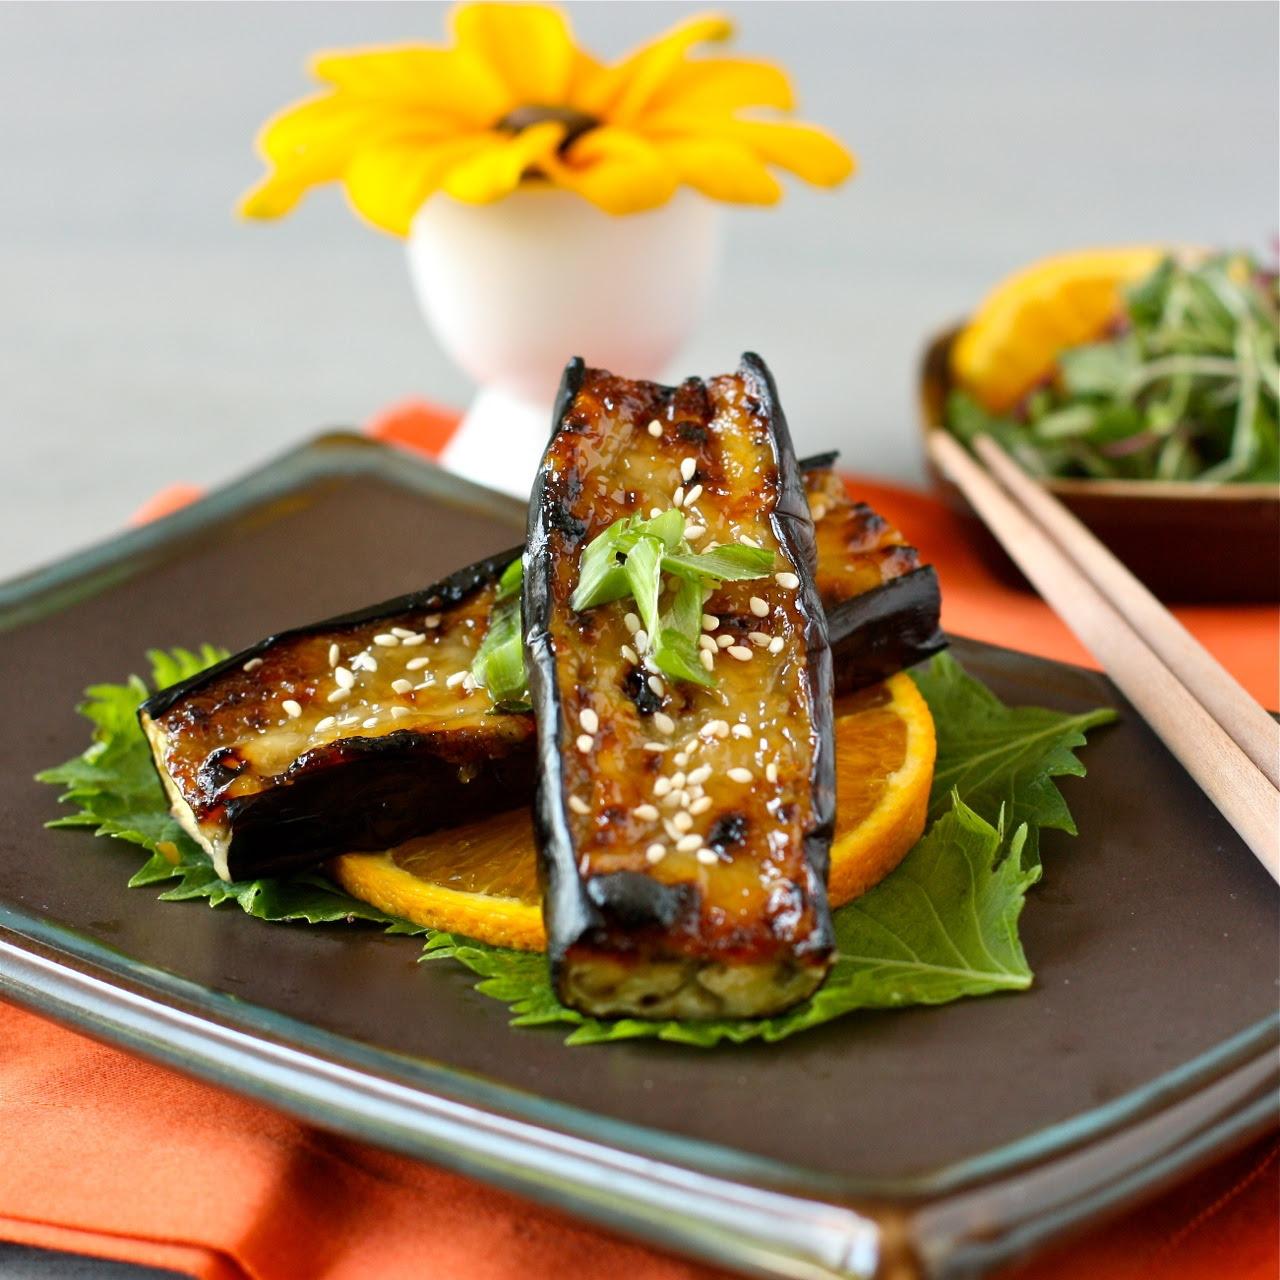 miso-glazed japanese eggplant | daisy's world